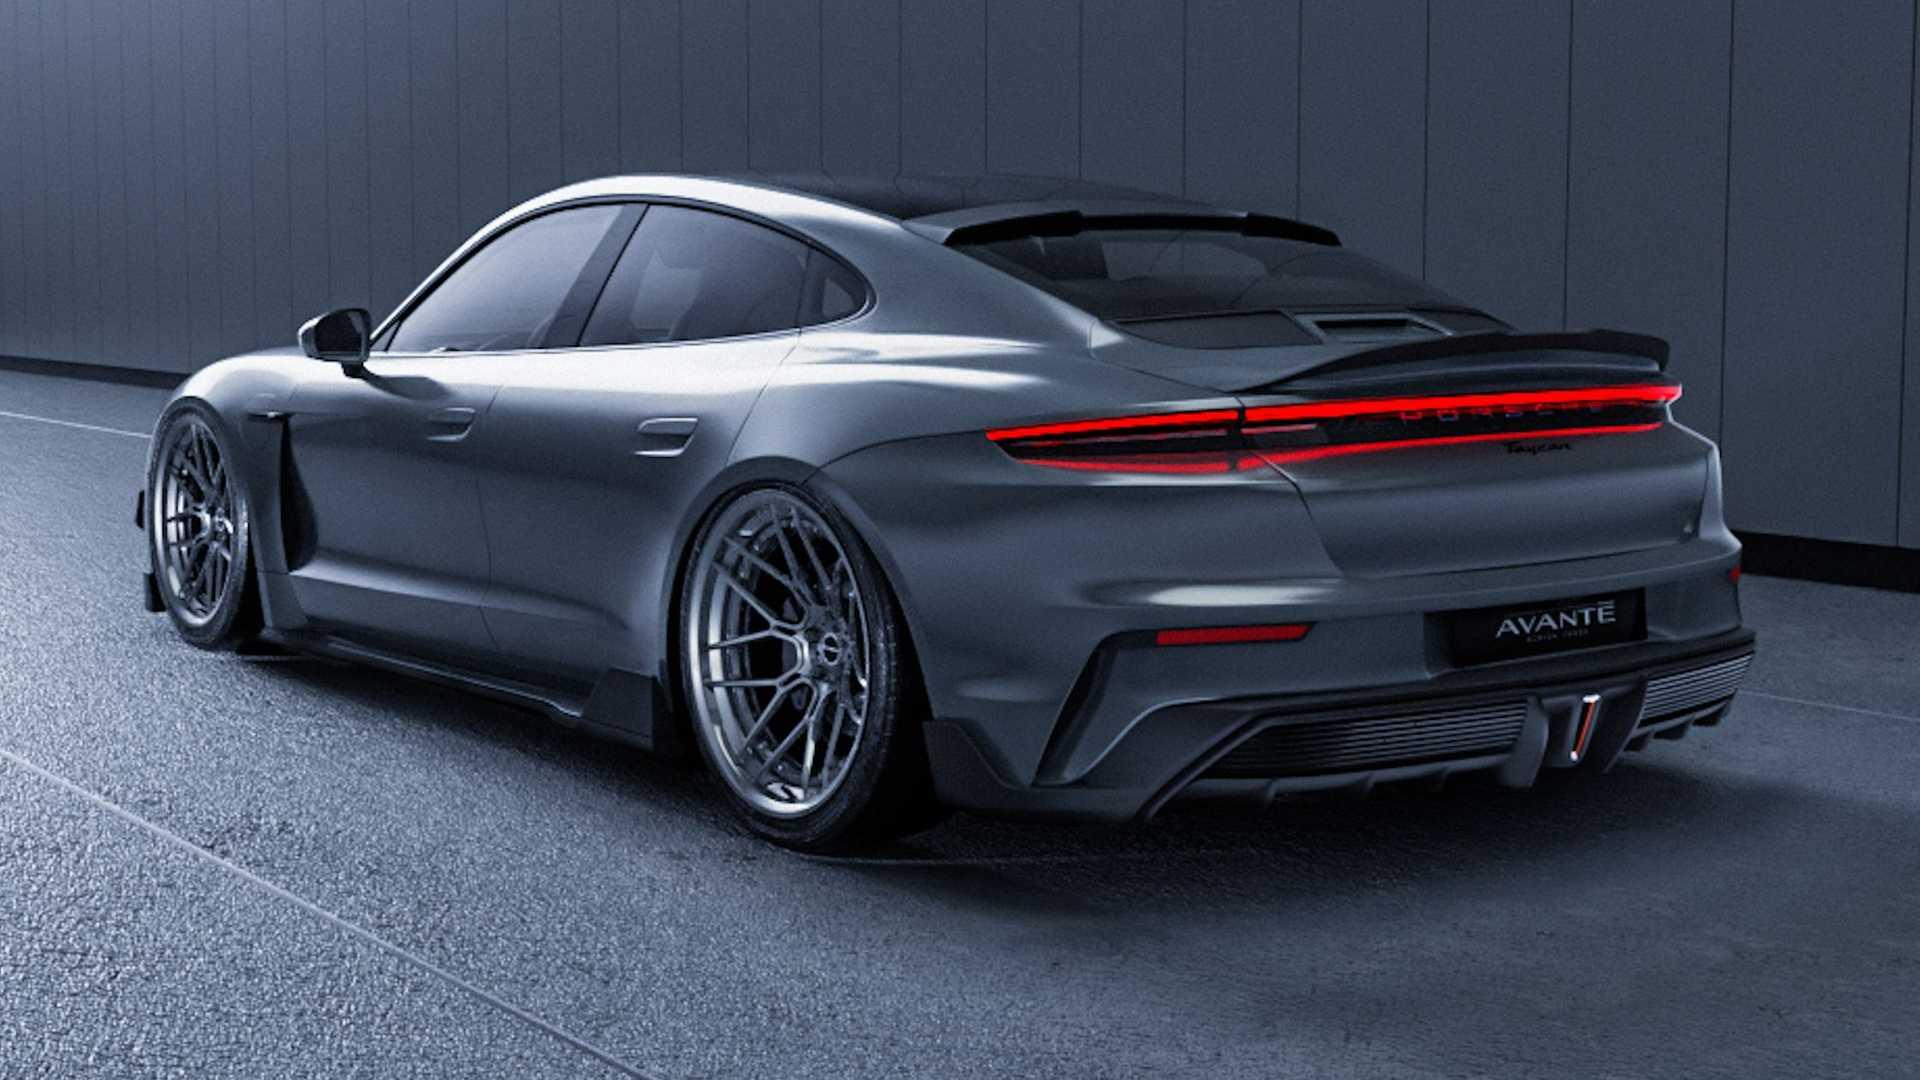 El Porsche Taycan de Avante Design no tiene modificaciones mecánicas